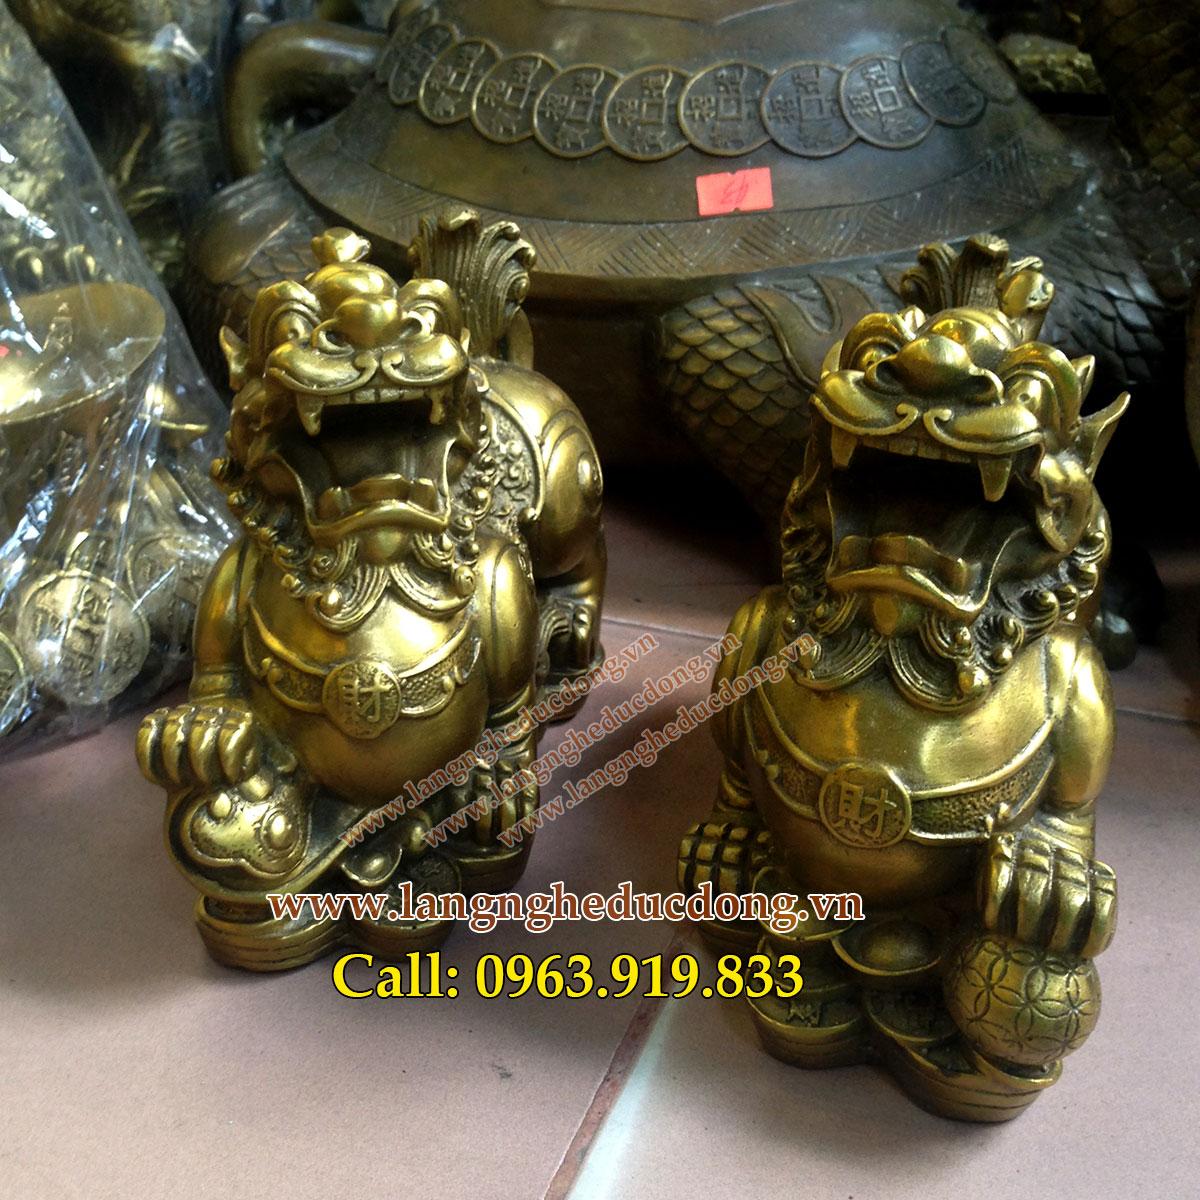 langngheducdong.vn - Tỳ hưu phong thủy bằng đồng, tỳ hưu béo nằm trên tiền